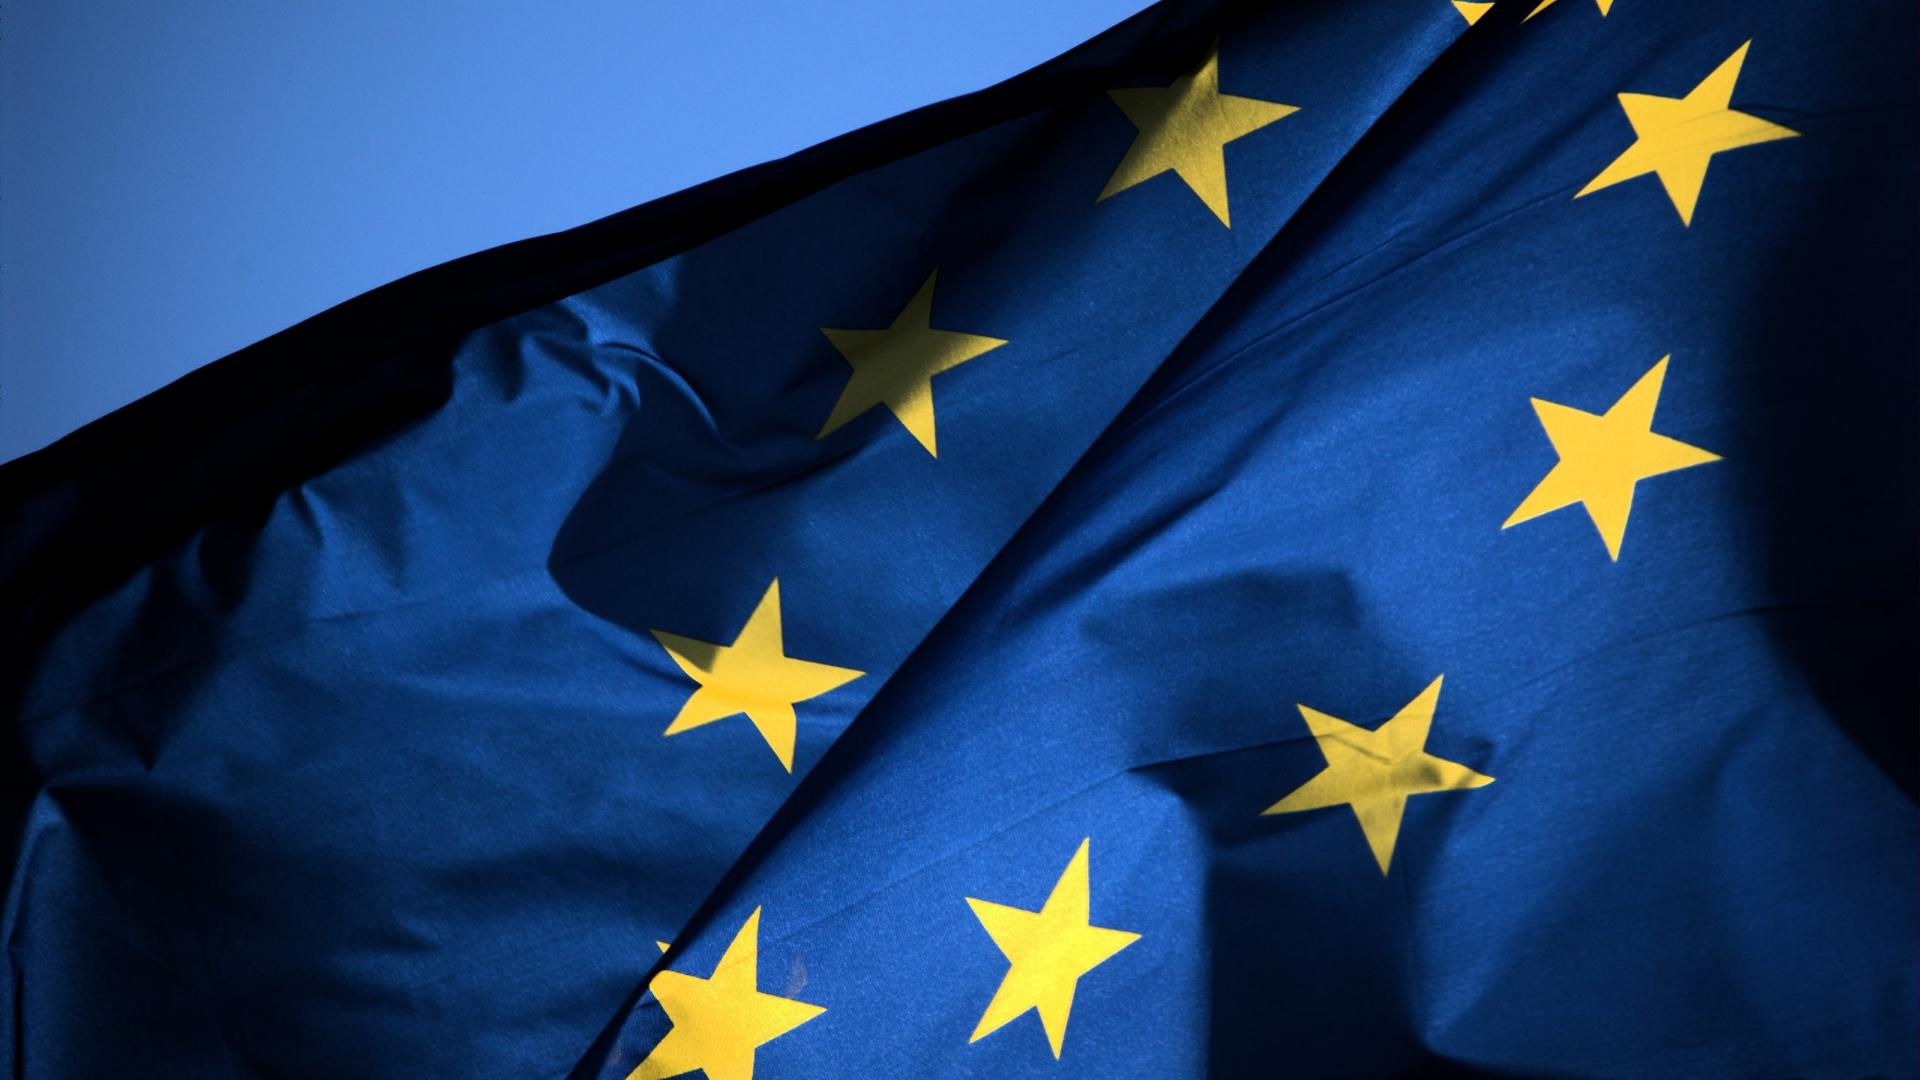 EU Flag-Blue Background